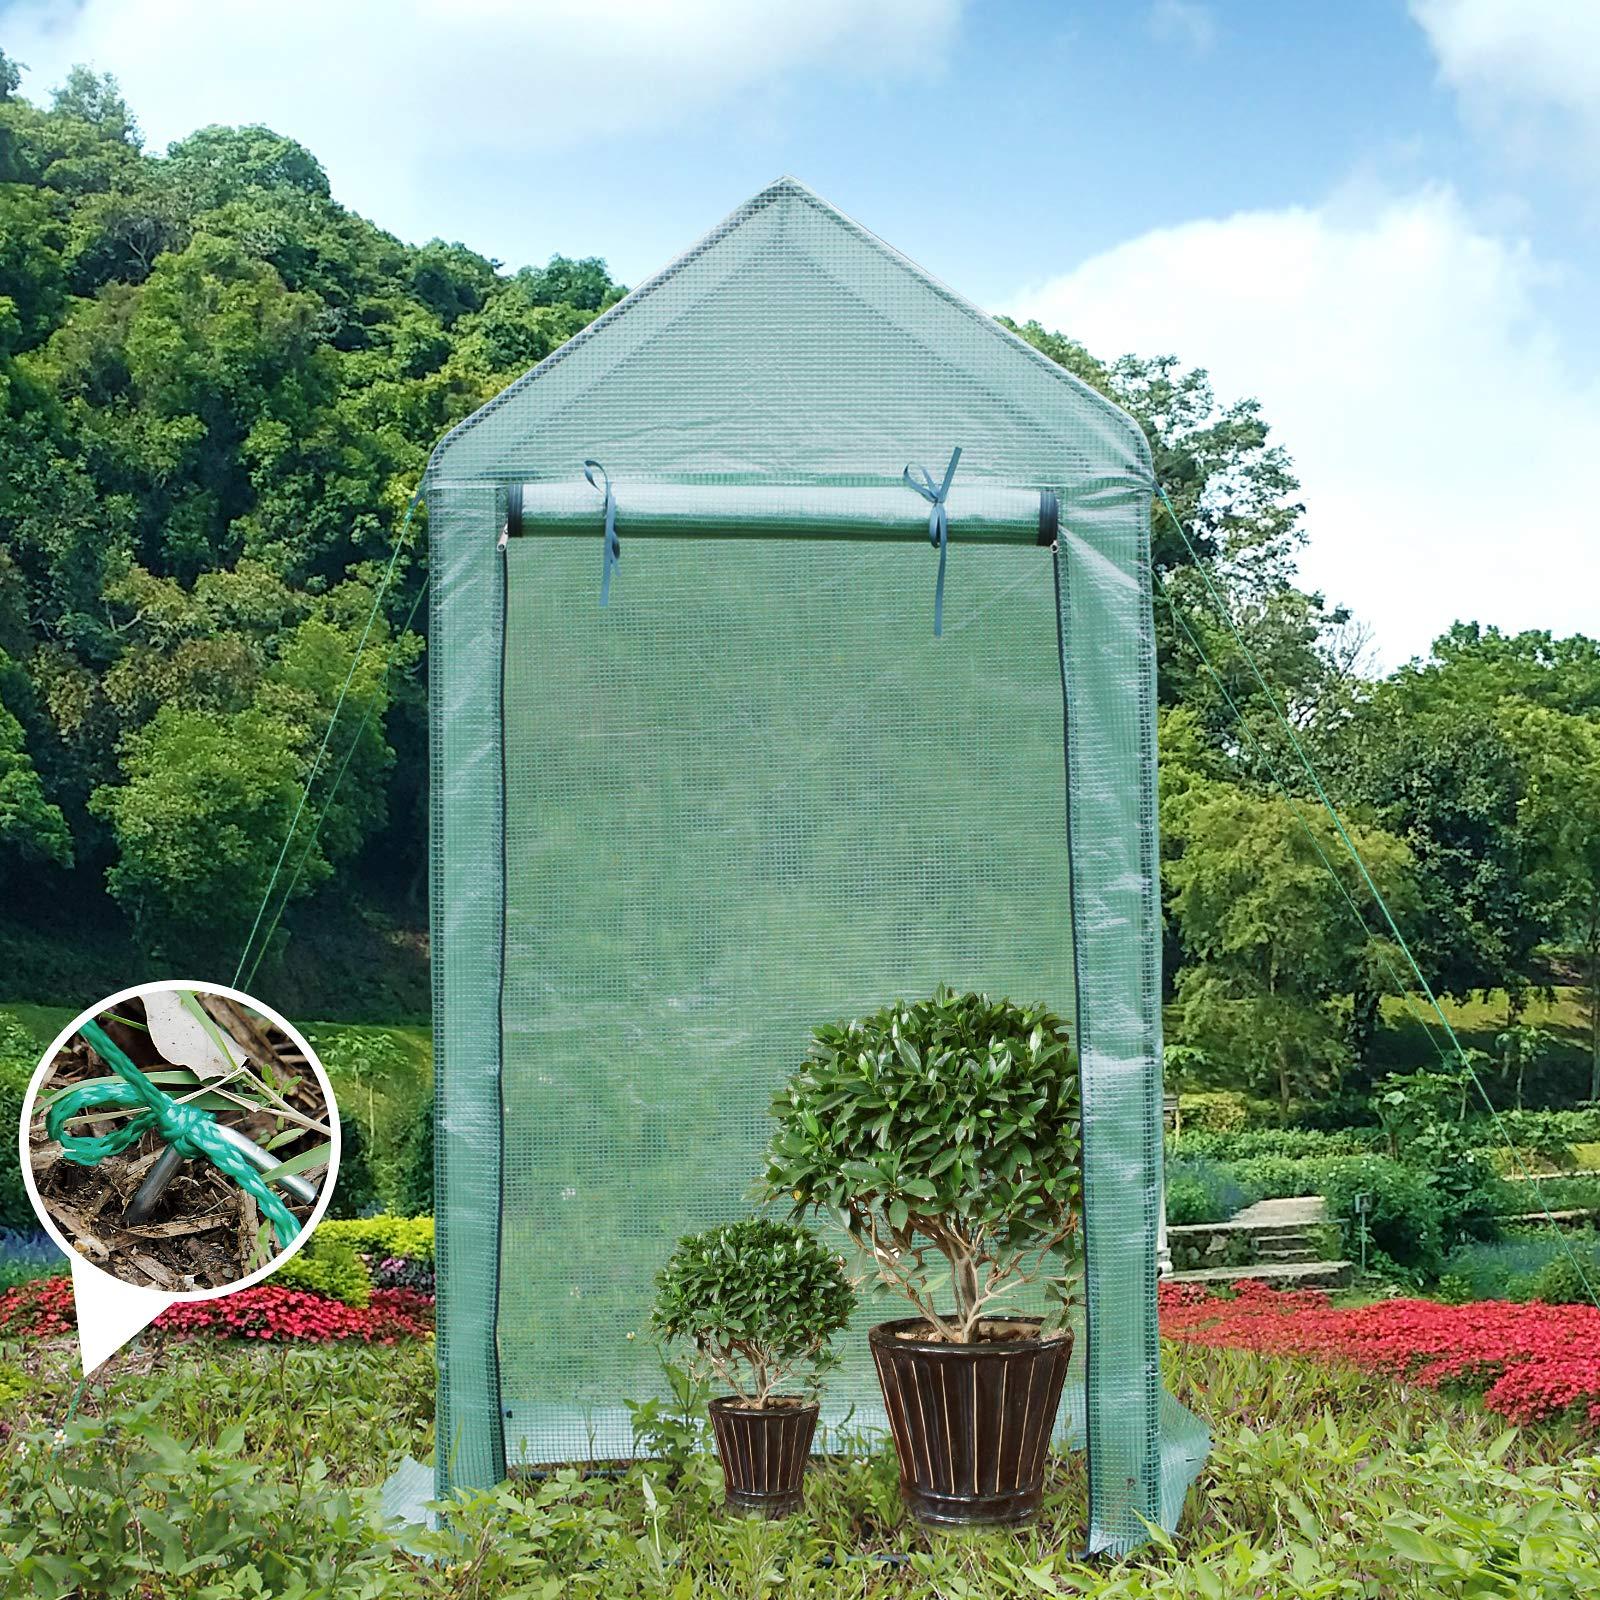 Yorbay Invernadero con Tela de Malla de PE, Techo Puntiagudo, Color Verde, para Tomates, Jardín, Terraza, 100 × 50 × 190 cm Reutilizable: Amazon.es: Jardín